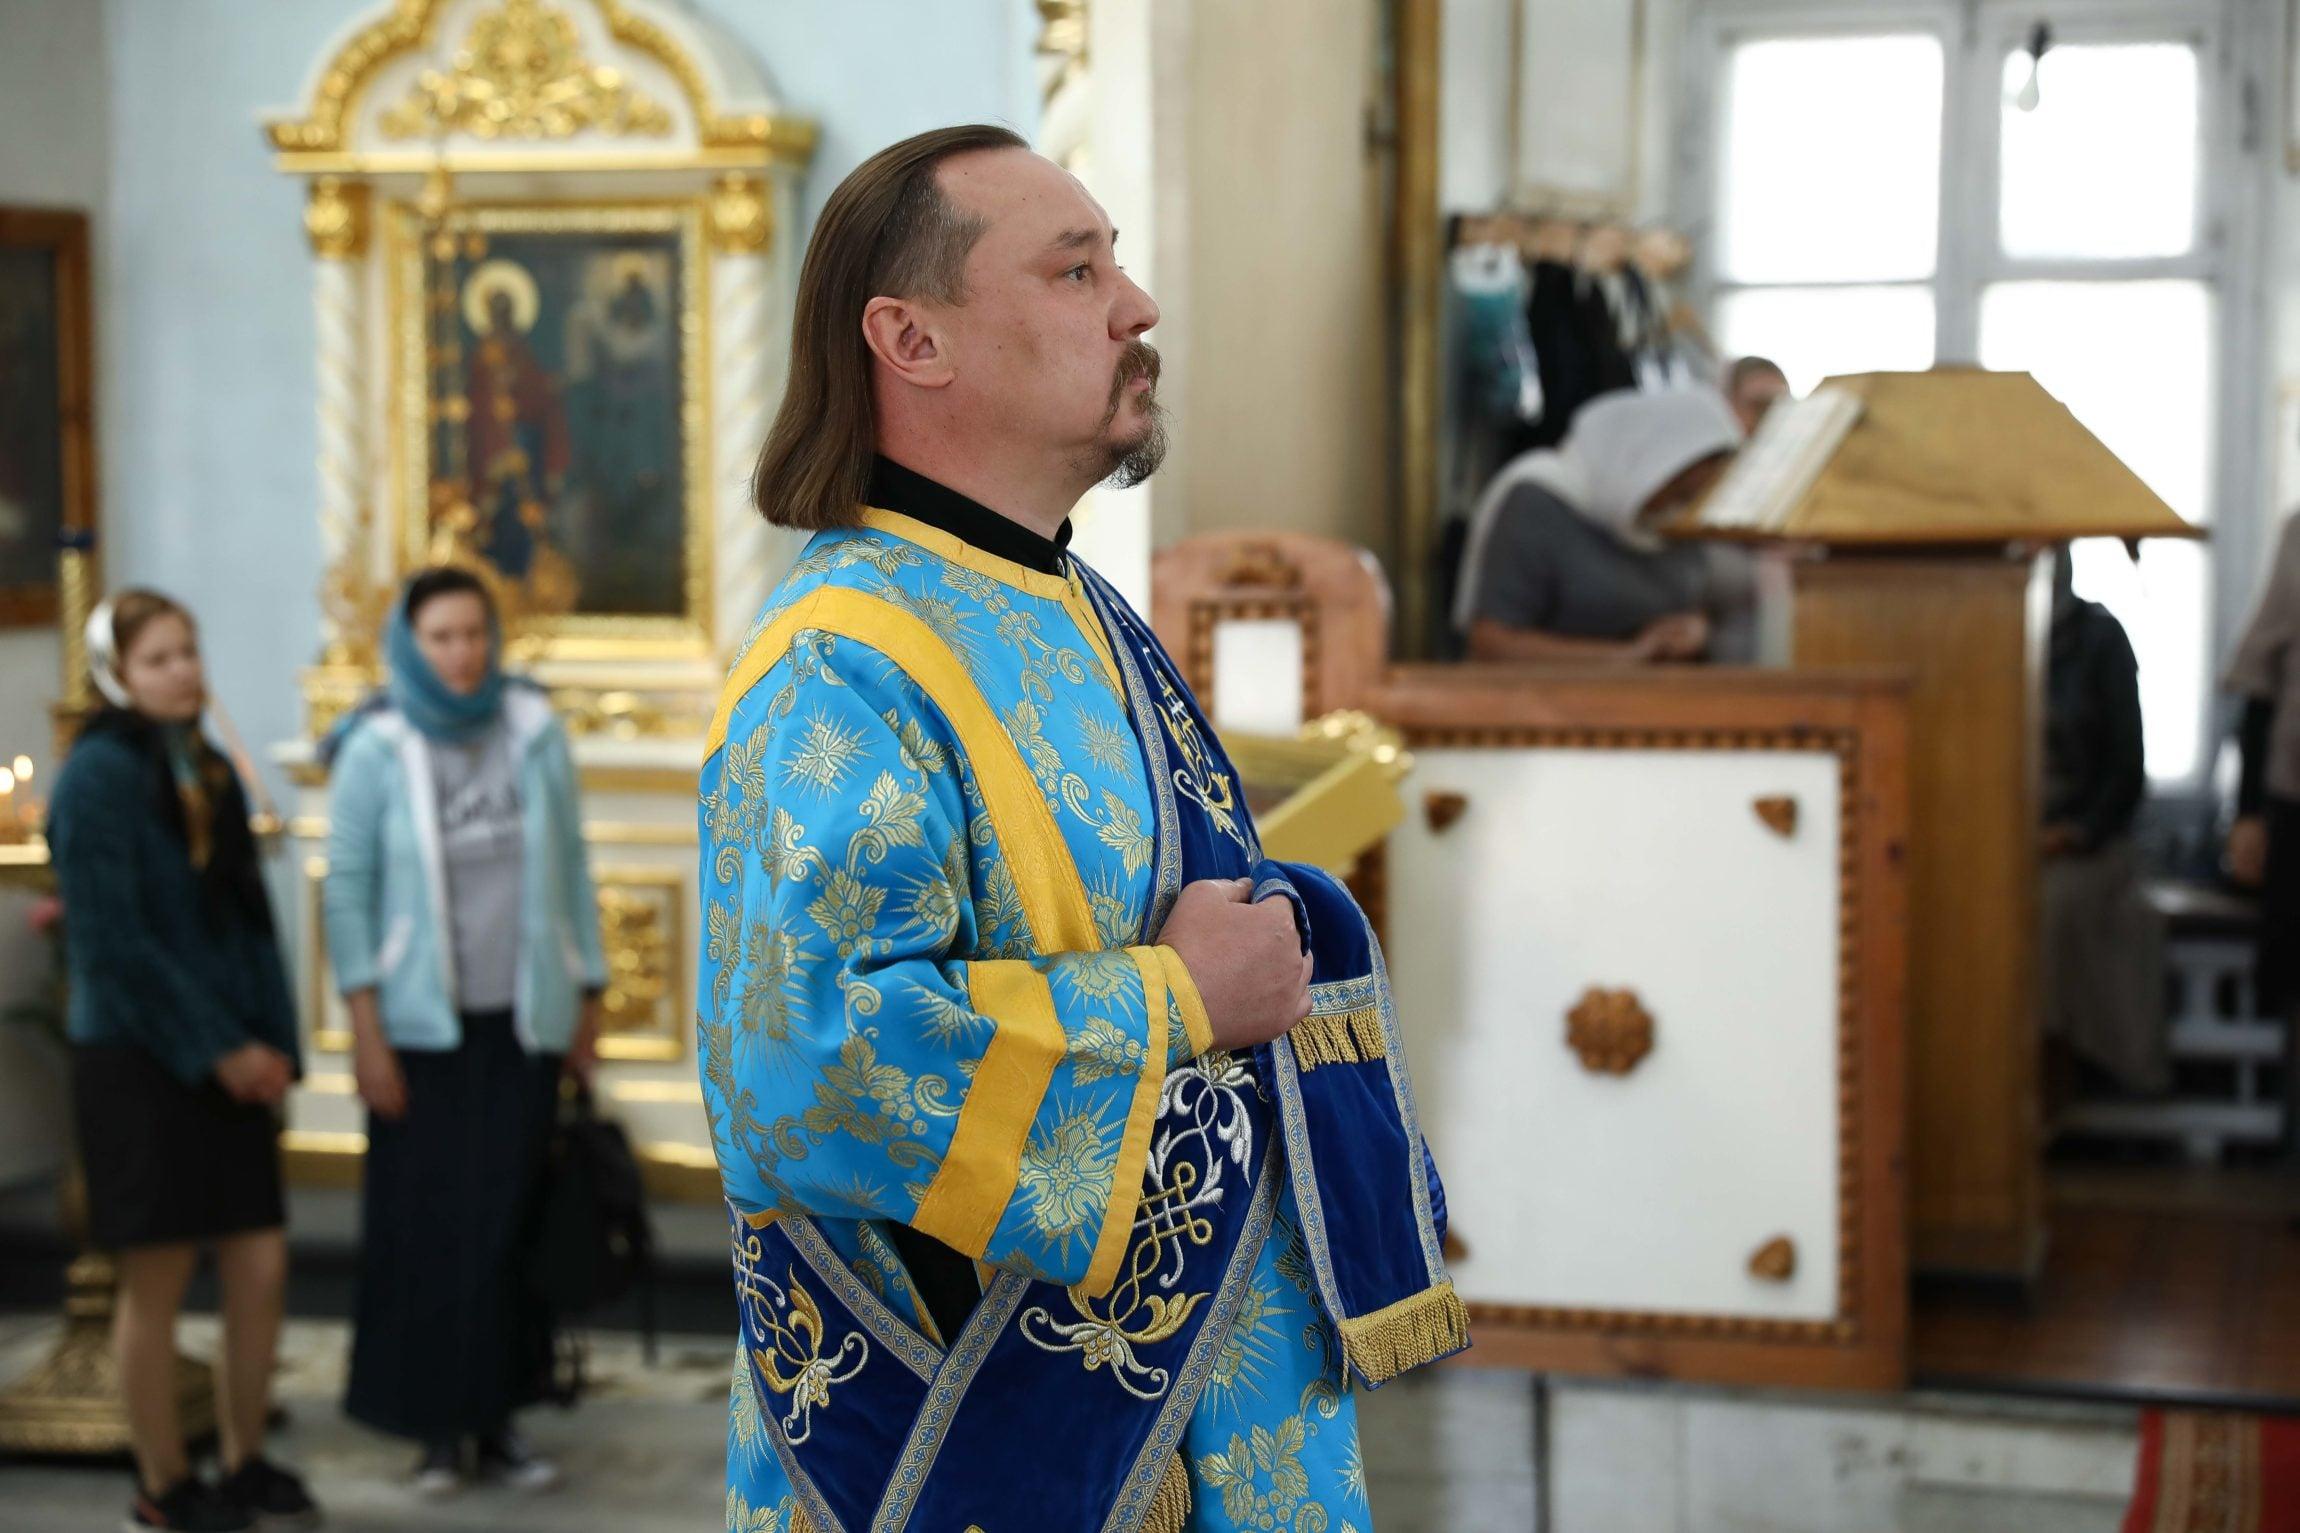 http://monuspen.ru/photoreports/300a33e78ae43bf112005df432bc34g1.jpg